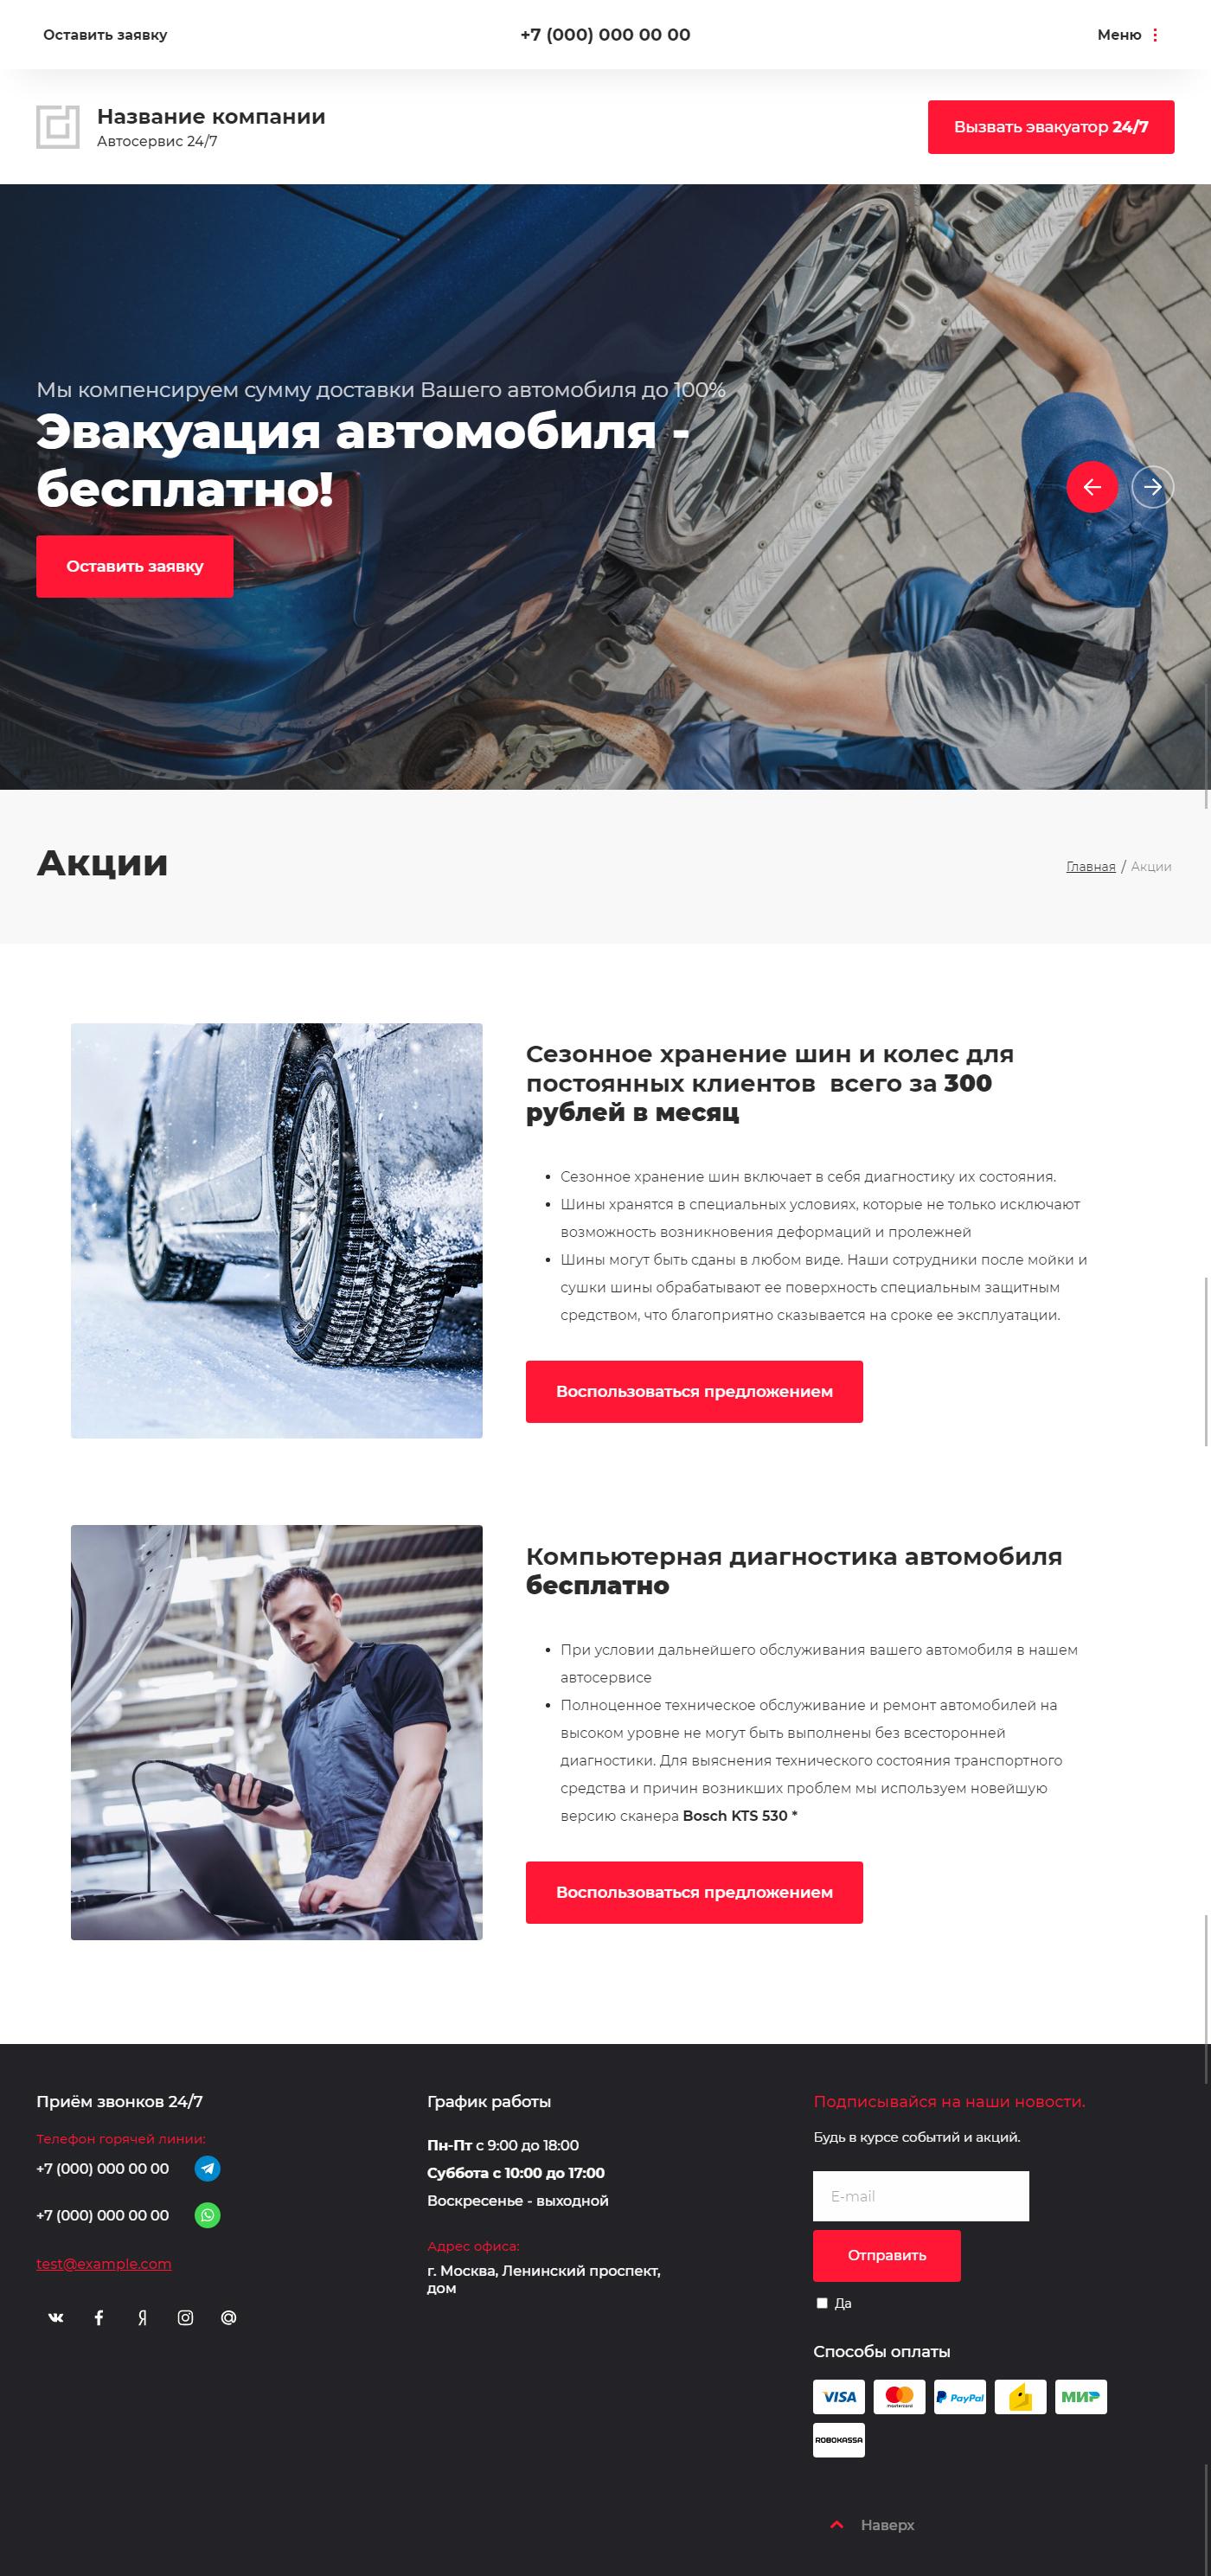 Готовый Сайт-Бизнес #2899420 - Автосервисы, ремонт транспортных средств (Акции)